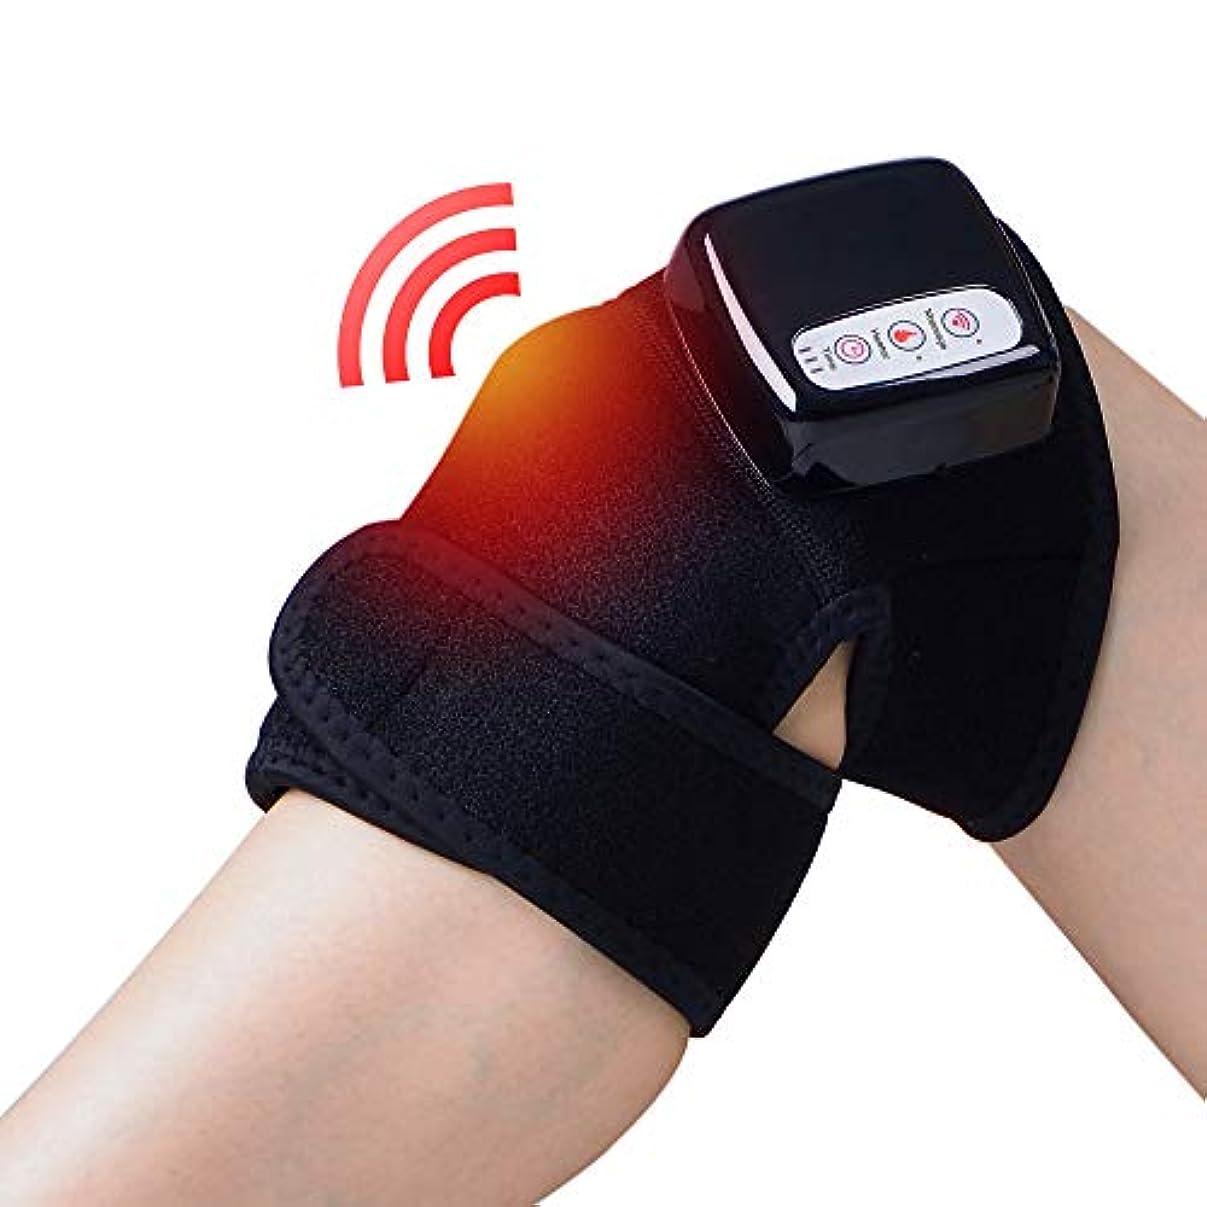 女の子ありがたいヒットChuangyue 膝関節加熱マッサージ マッサージ器 フットマッサージャー ひざ マッサージャー 振動 赤外線療法 温熱療法 膝サポーター ストレス解消 膝マット 太もも/腕対応